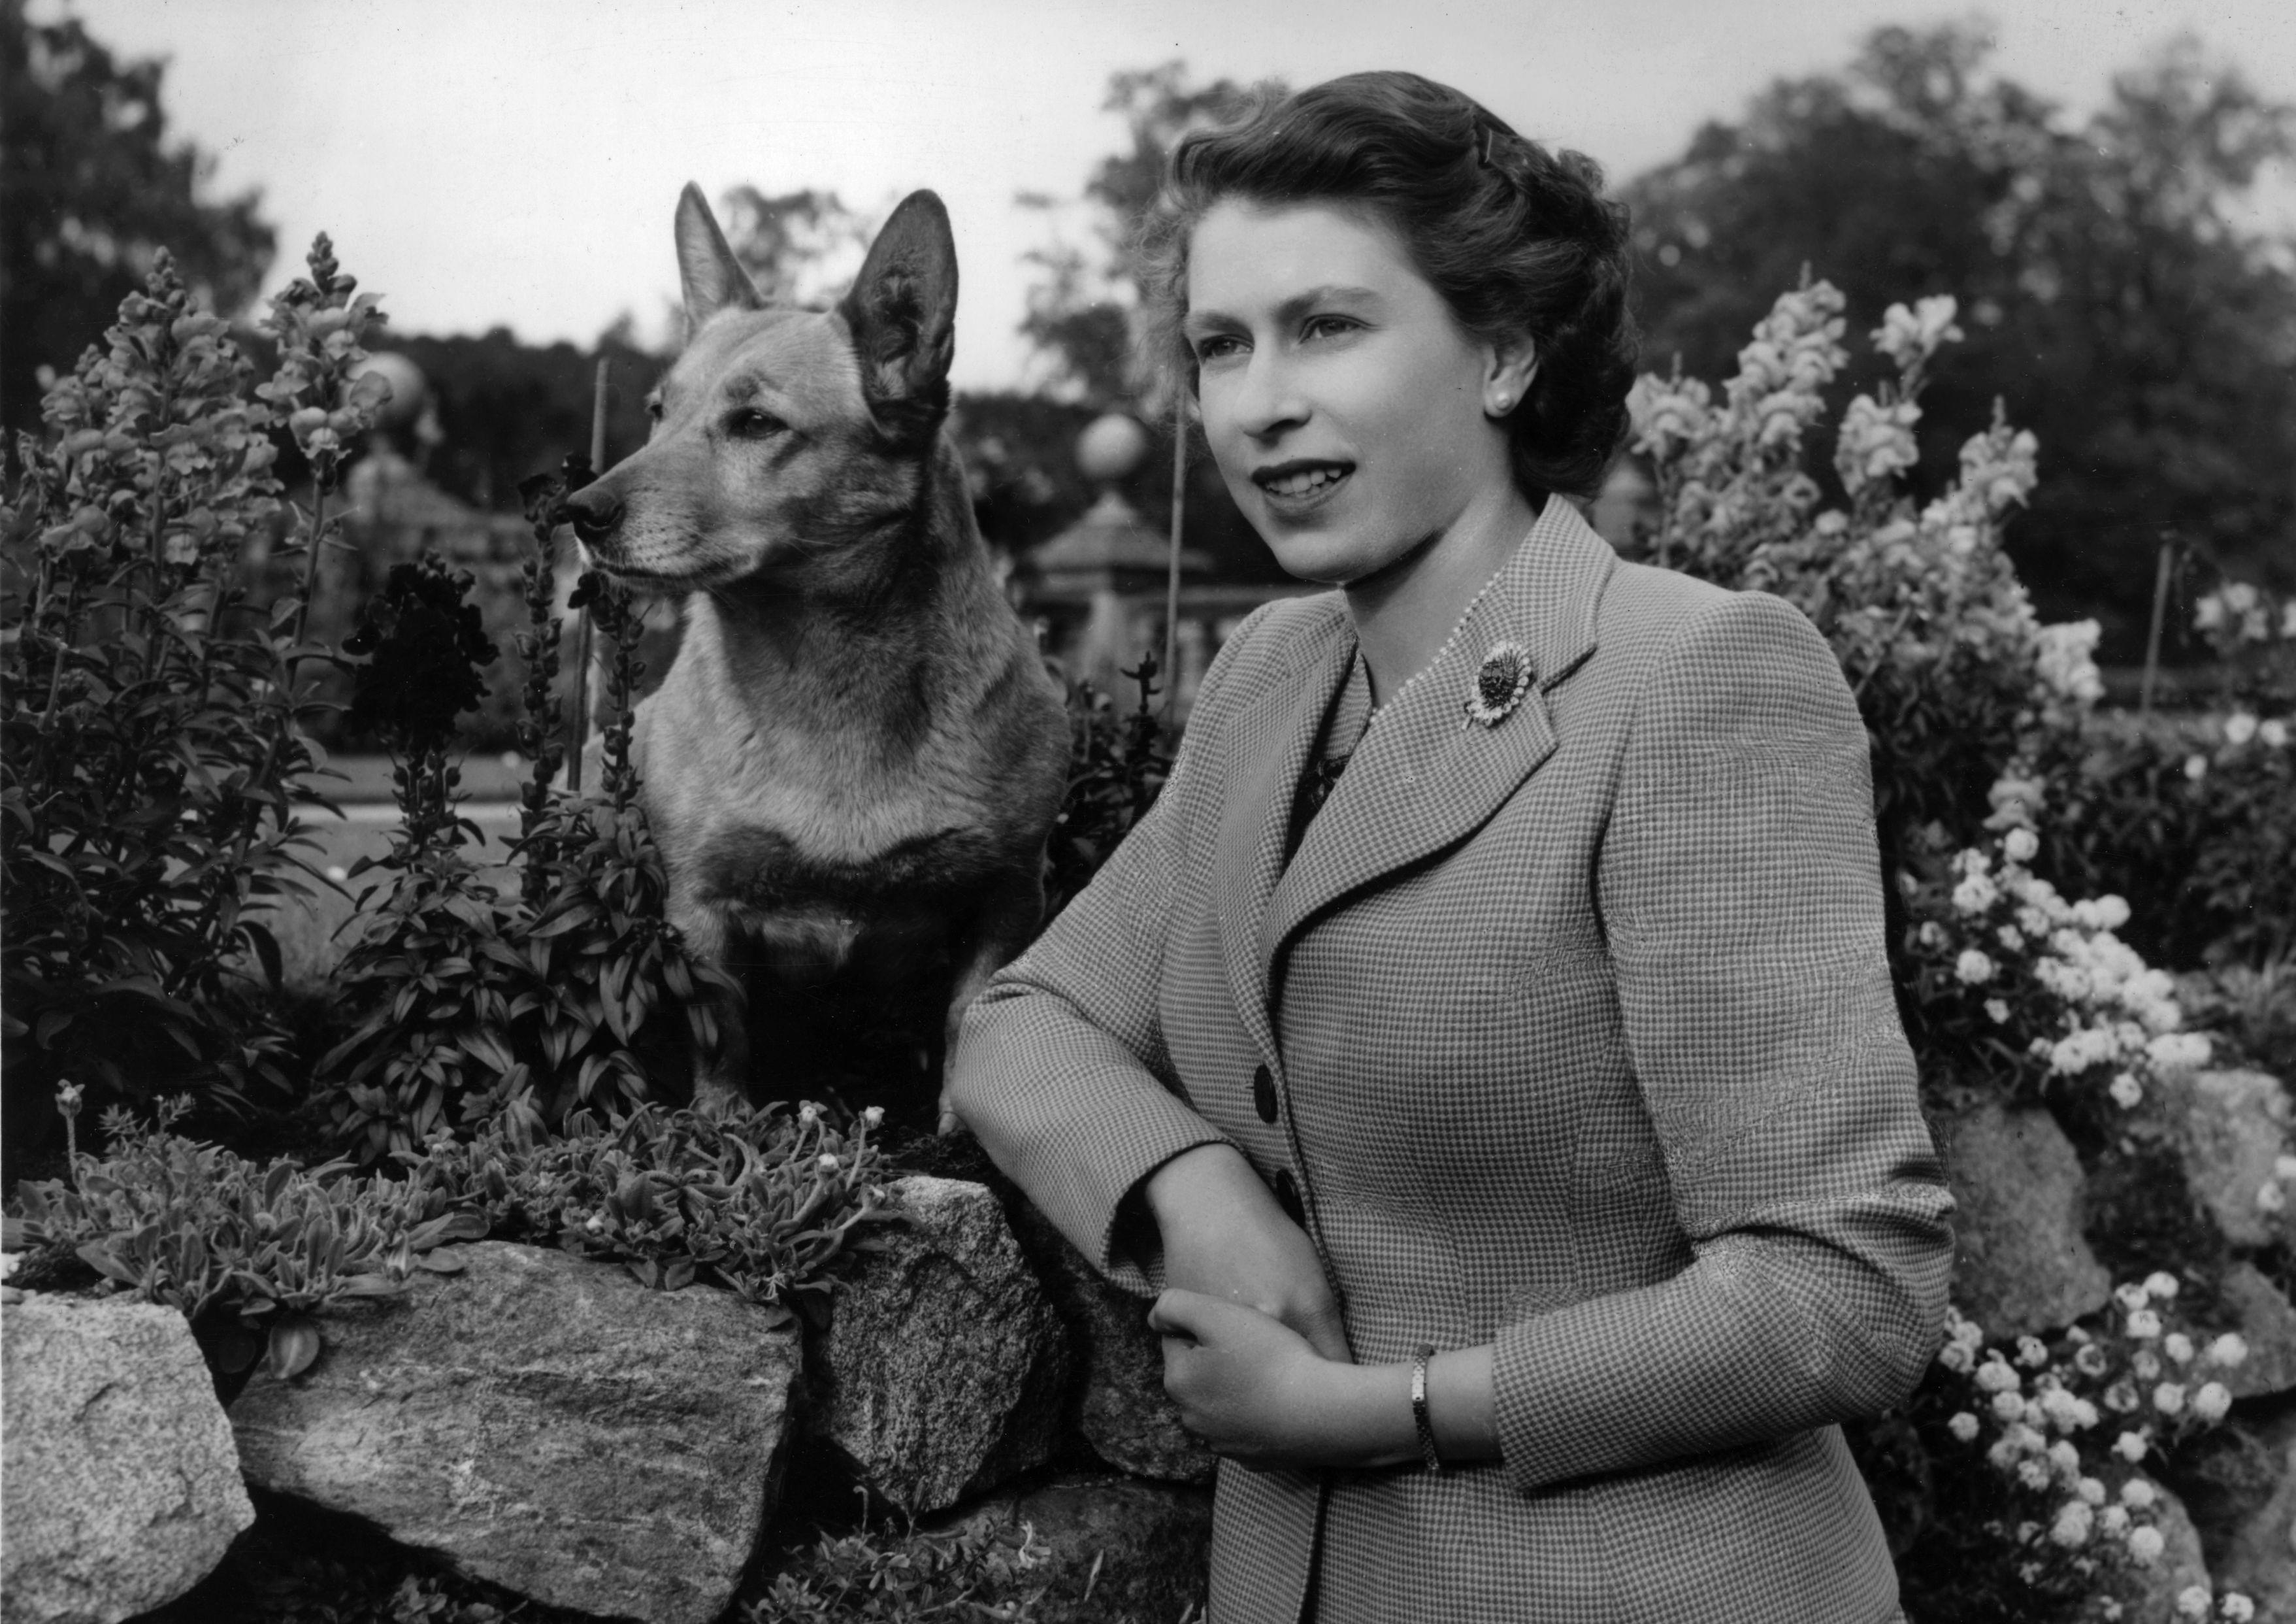 La reina Isabel con uno de sus corgis favoritos.